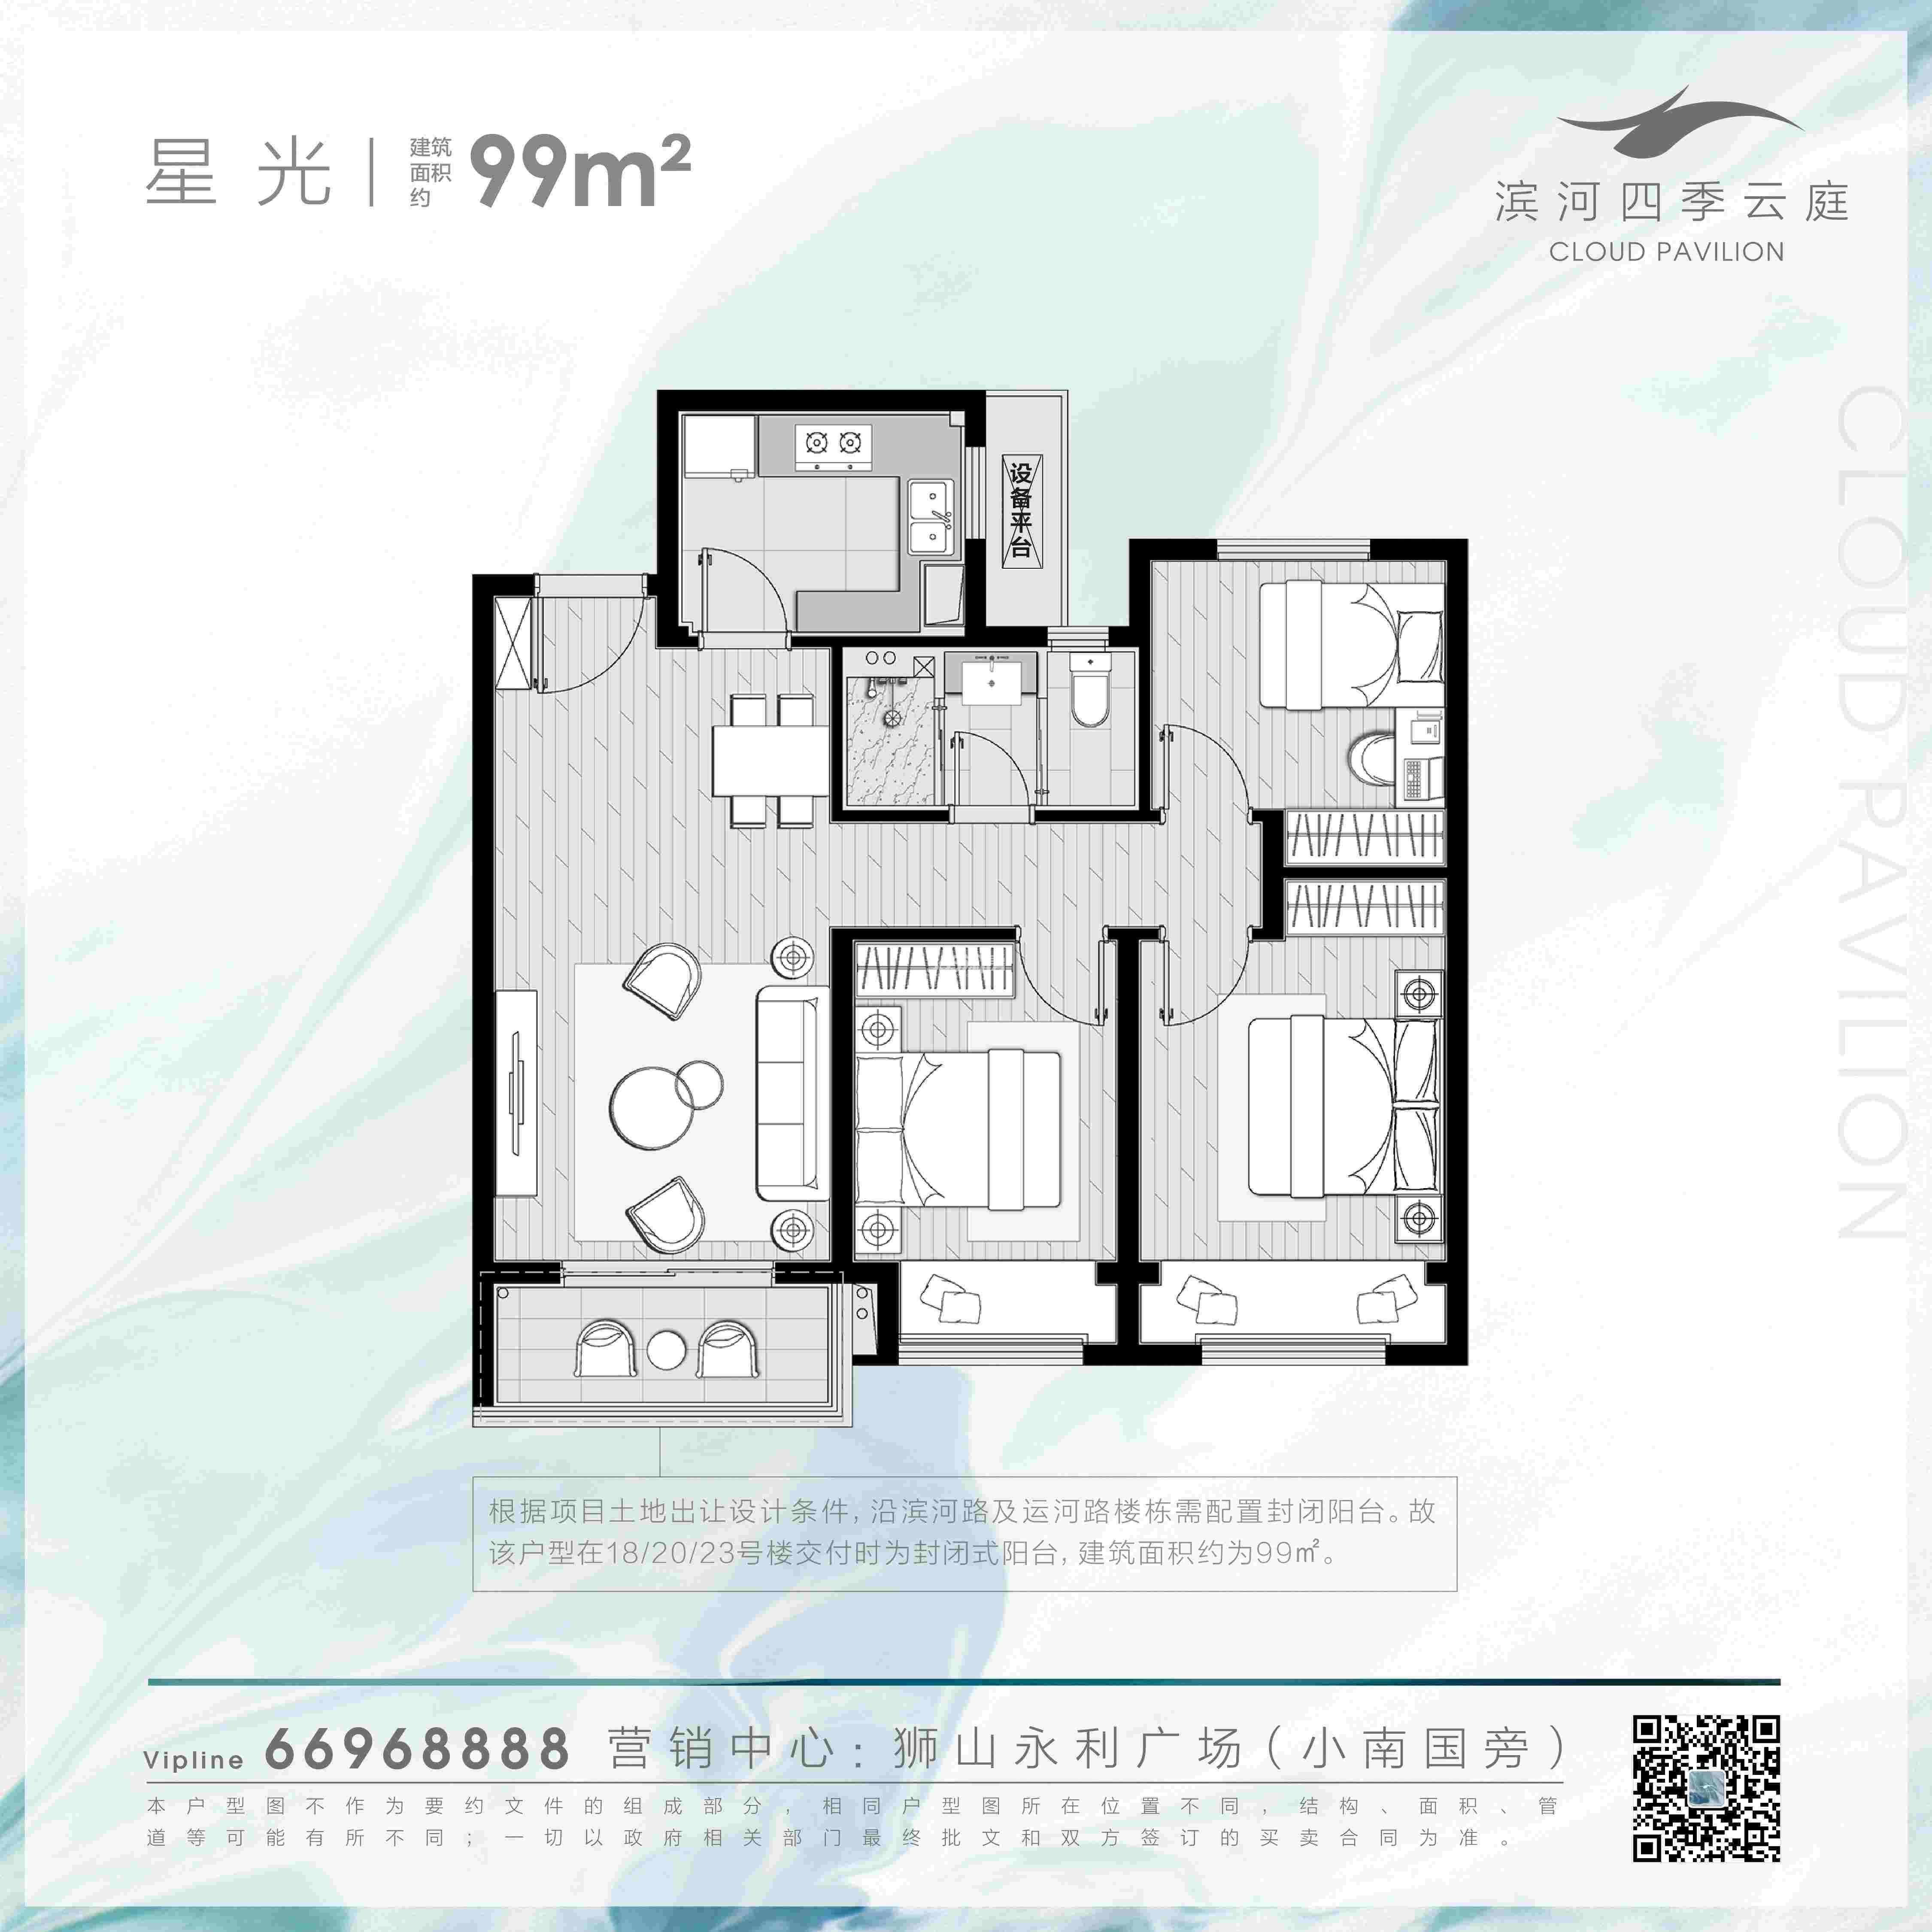 滨河四季云庭99㎡户型图(封闭式阳台)